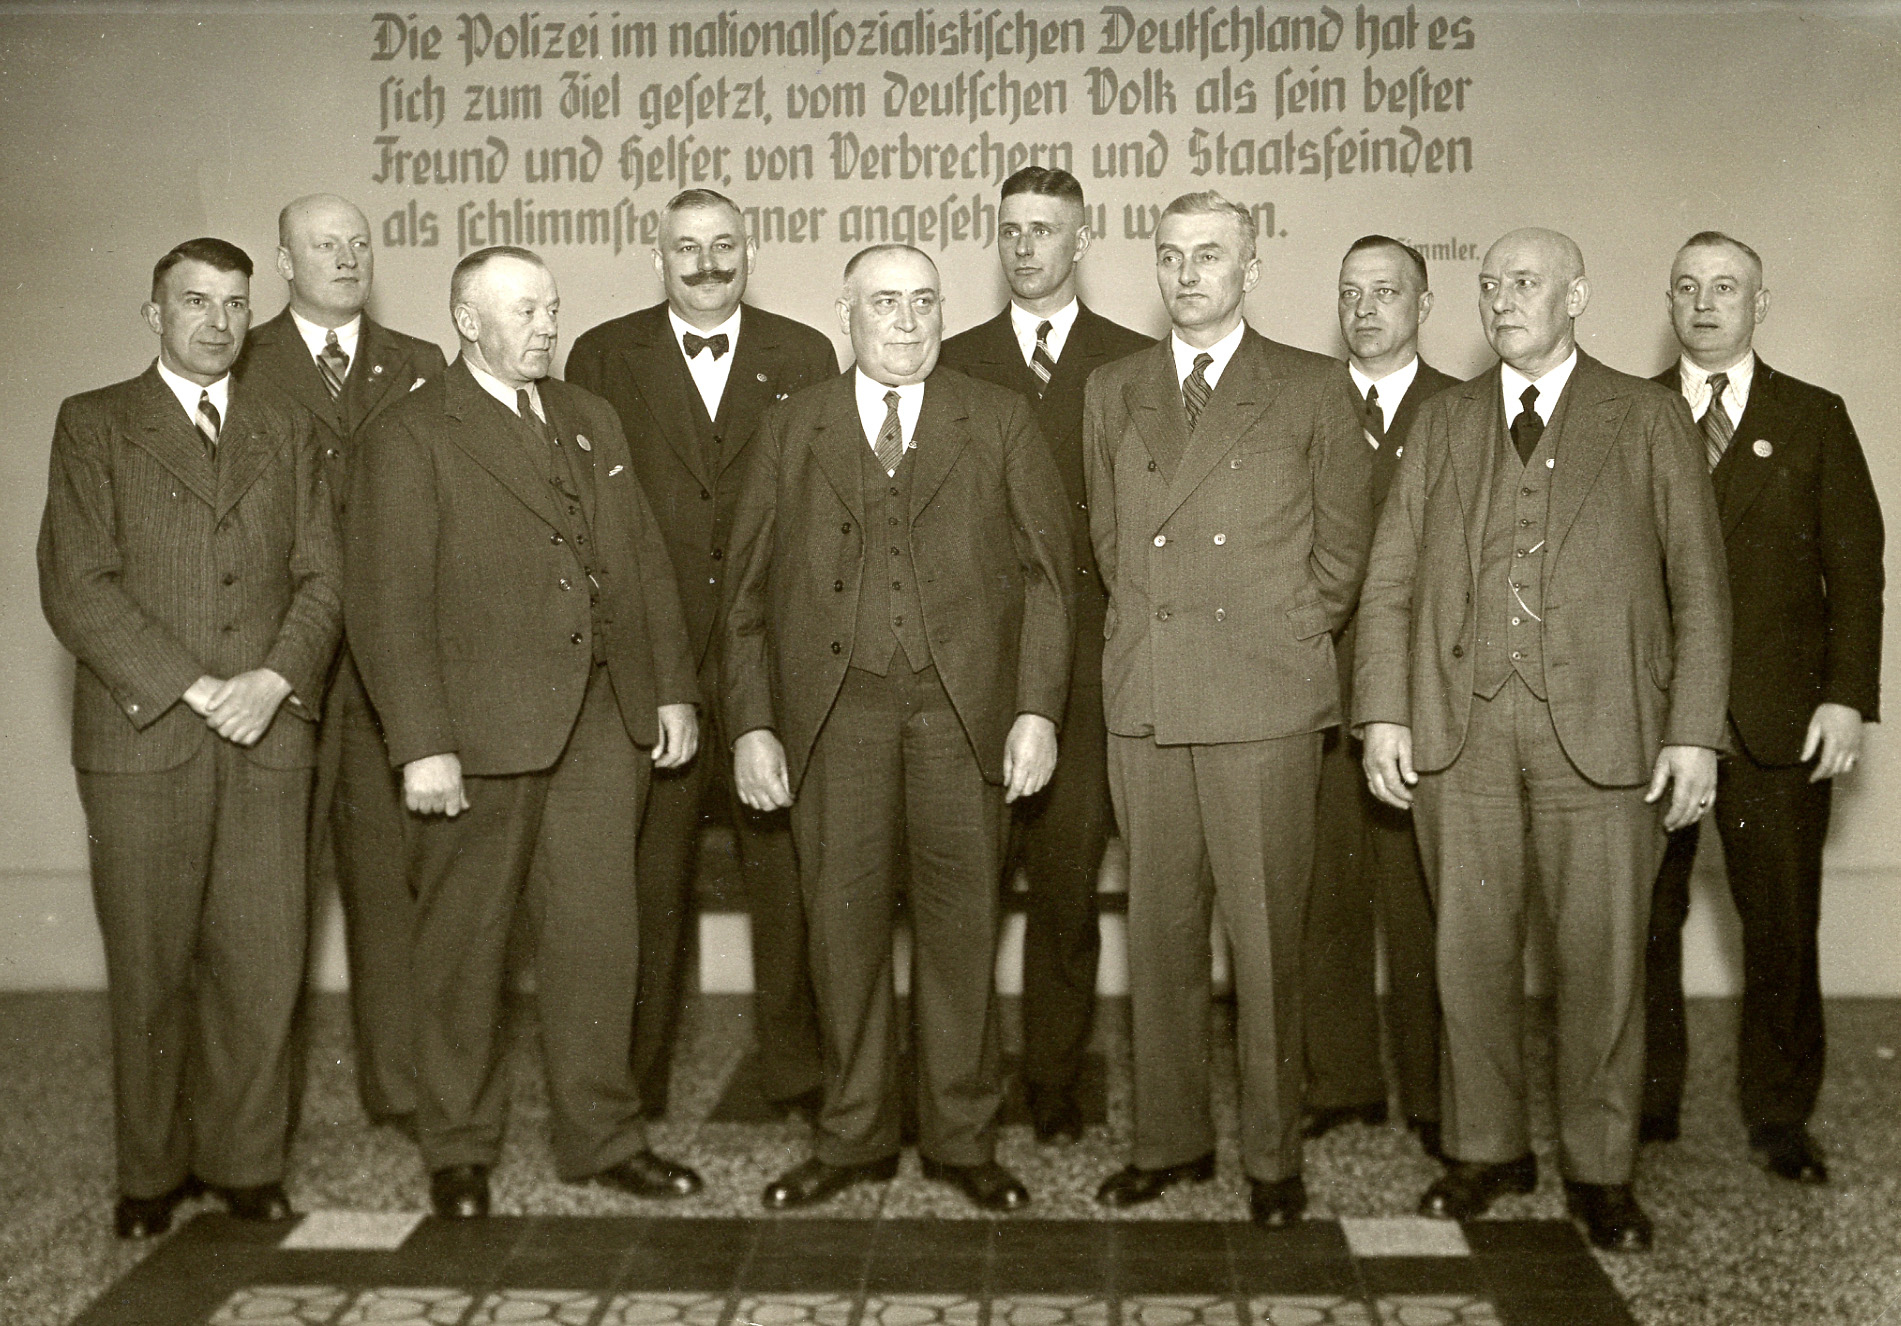 Bild vom 30. April 1937, Beamte der Kriminalpolizei auf dem Flur des Polizeihauses in Bremen